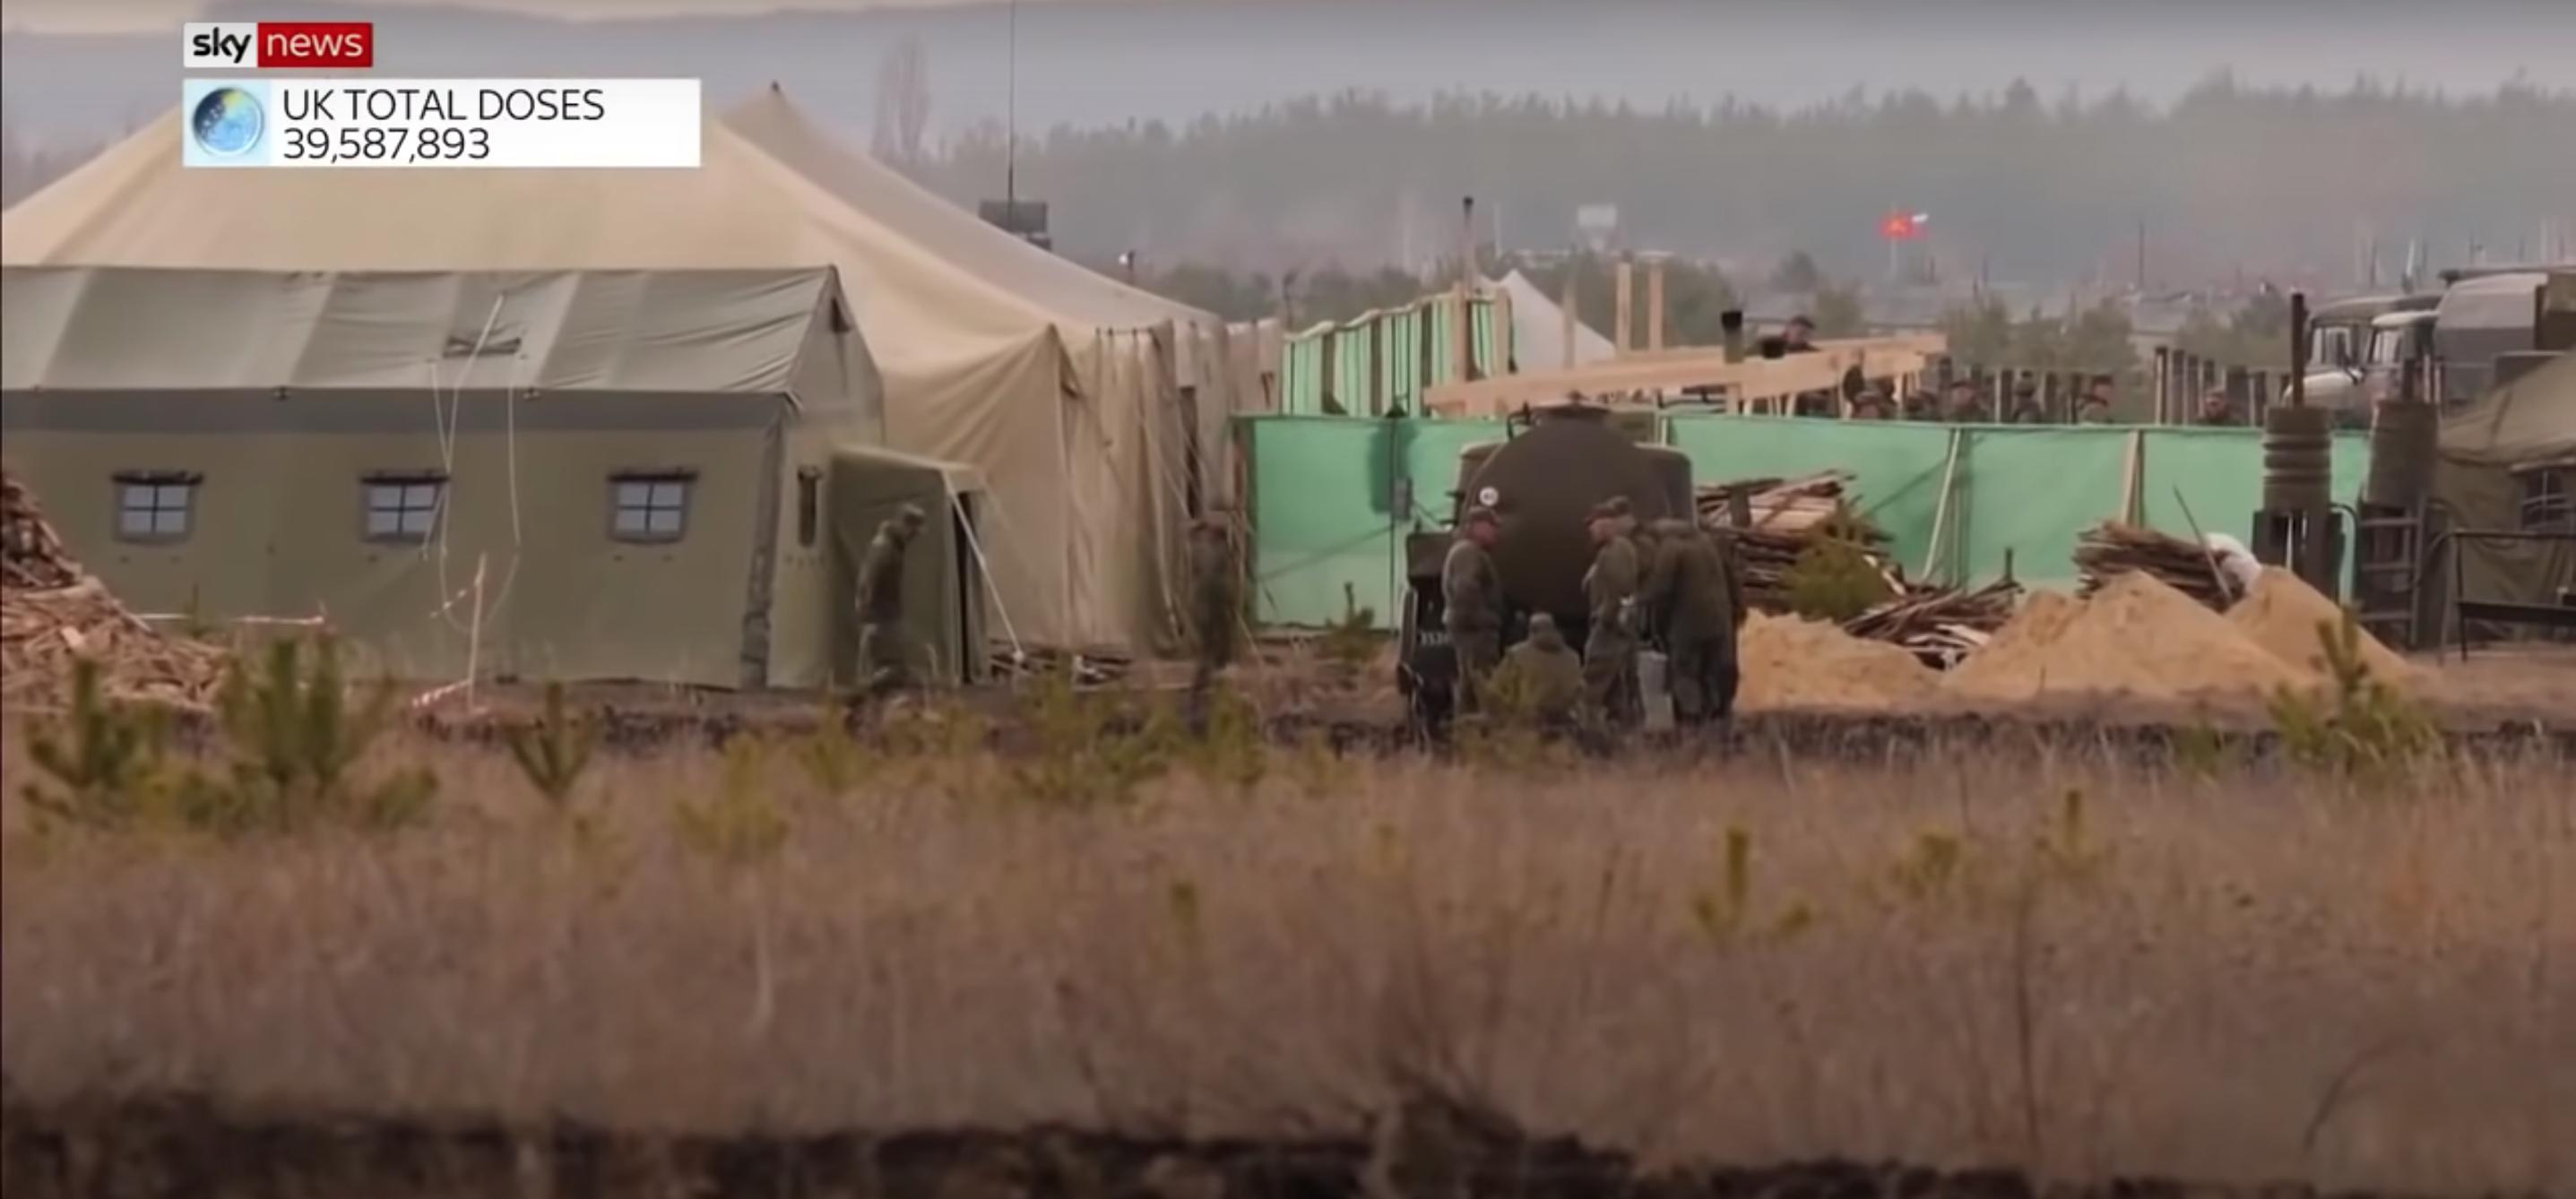 Журналісти Sky News зняли сюжет про новий російський військовий табір під Воронежем